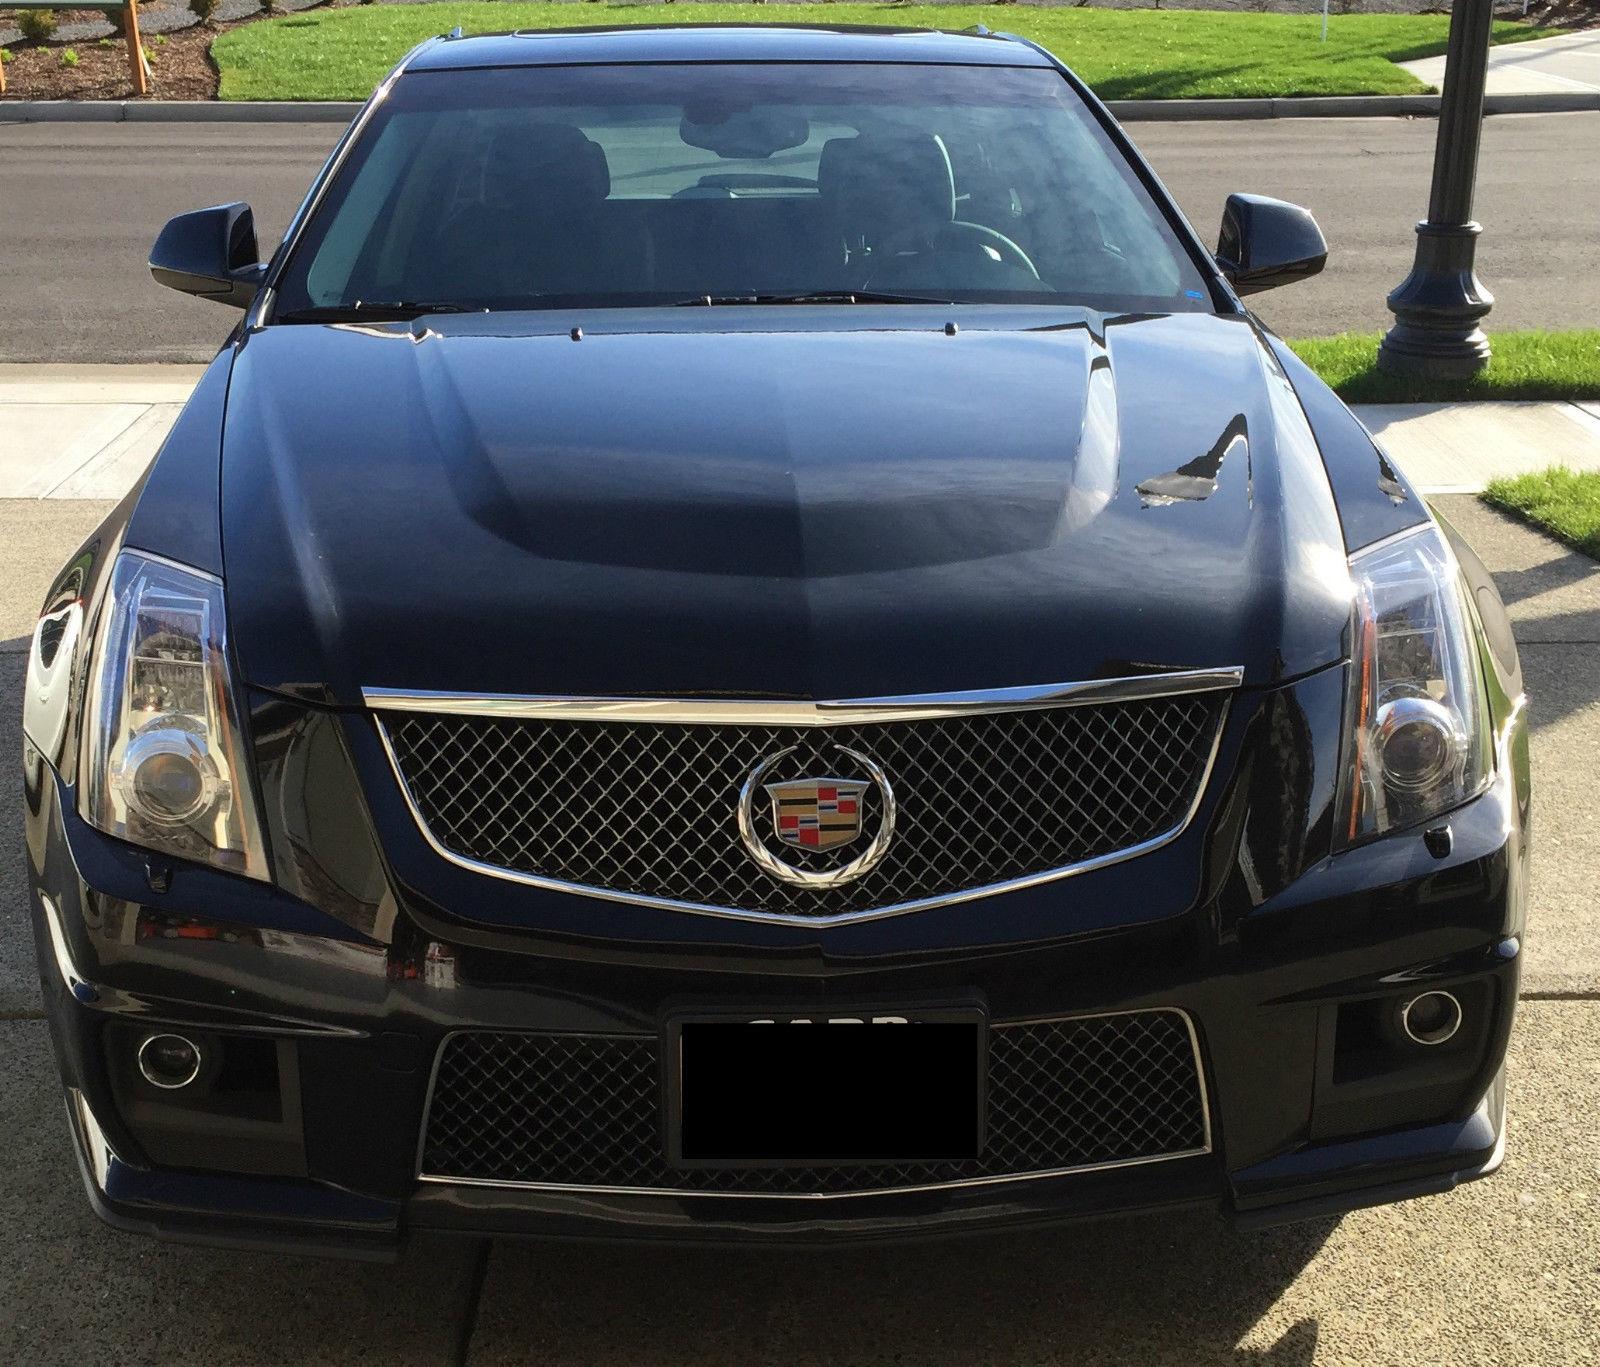 2014 Cadillac CTS-V Wagon (Cory Pick